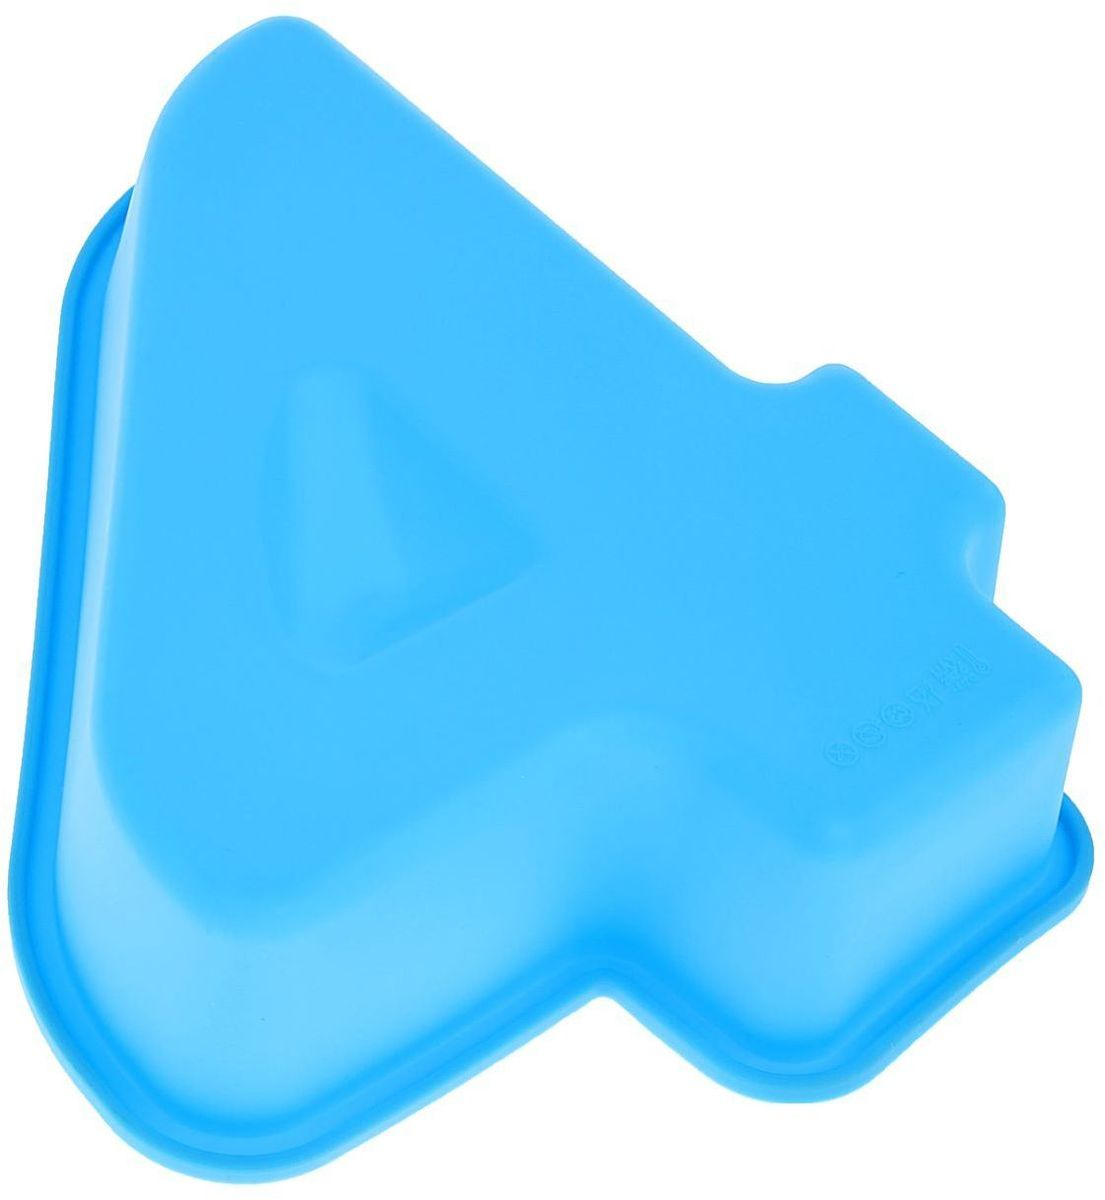 Форма для выпечки Доляна Цифра четыре, цвет: голубой, 25 х 22 х 5 см1403904Форма для выпечки из силикона - современное решение для практичных и радушных хозяек.Оригинальный предмет позволяет готовить в духовке любимые блюда из мяса, рыбы, птицы иовощей, а также вкуснейшую выпечку. Преимущества формы для выпечки:- блюдо сохраняет нужную форму и легко отделяется от стенок после приготовления;- высокая термостойкость (от -40 до 230°C) позволяет применять форму в духовых шкафах иморозильных камерах;- небольшая масса делает эксплуатацию предмета простой даже для хрупкой женщины;- силикон пригоден для посудомоечных машин;- высокопрочный материал делает форму долговечным инструментом;- при хранении предмет занимает мало места.